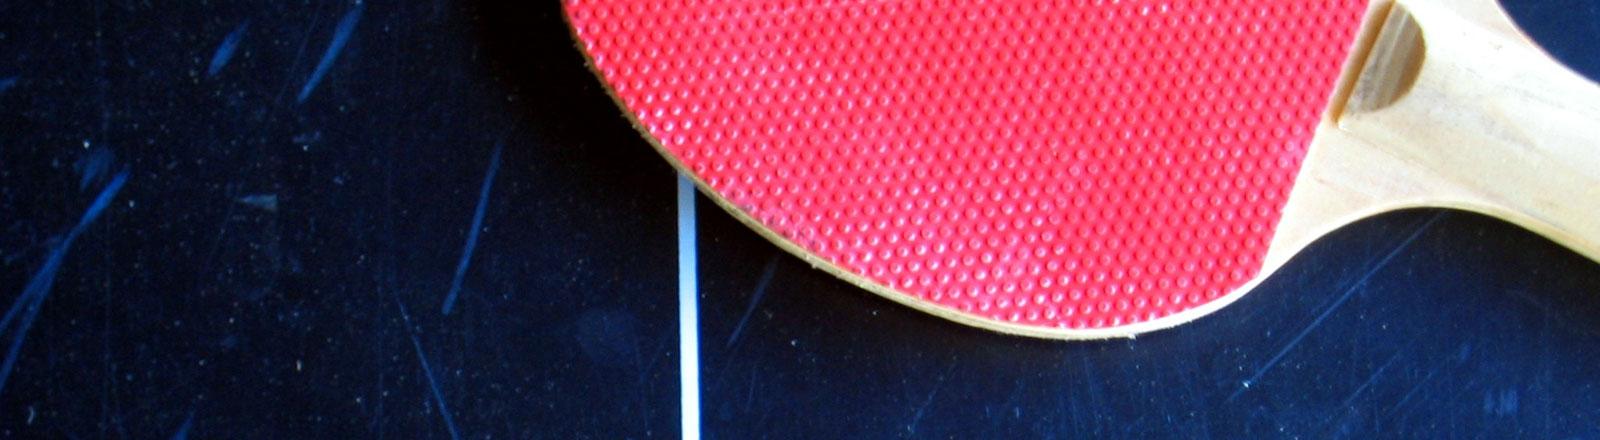 Ein Tischtennisschläger auf einer Tischtennisplatte.